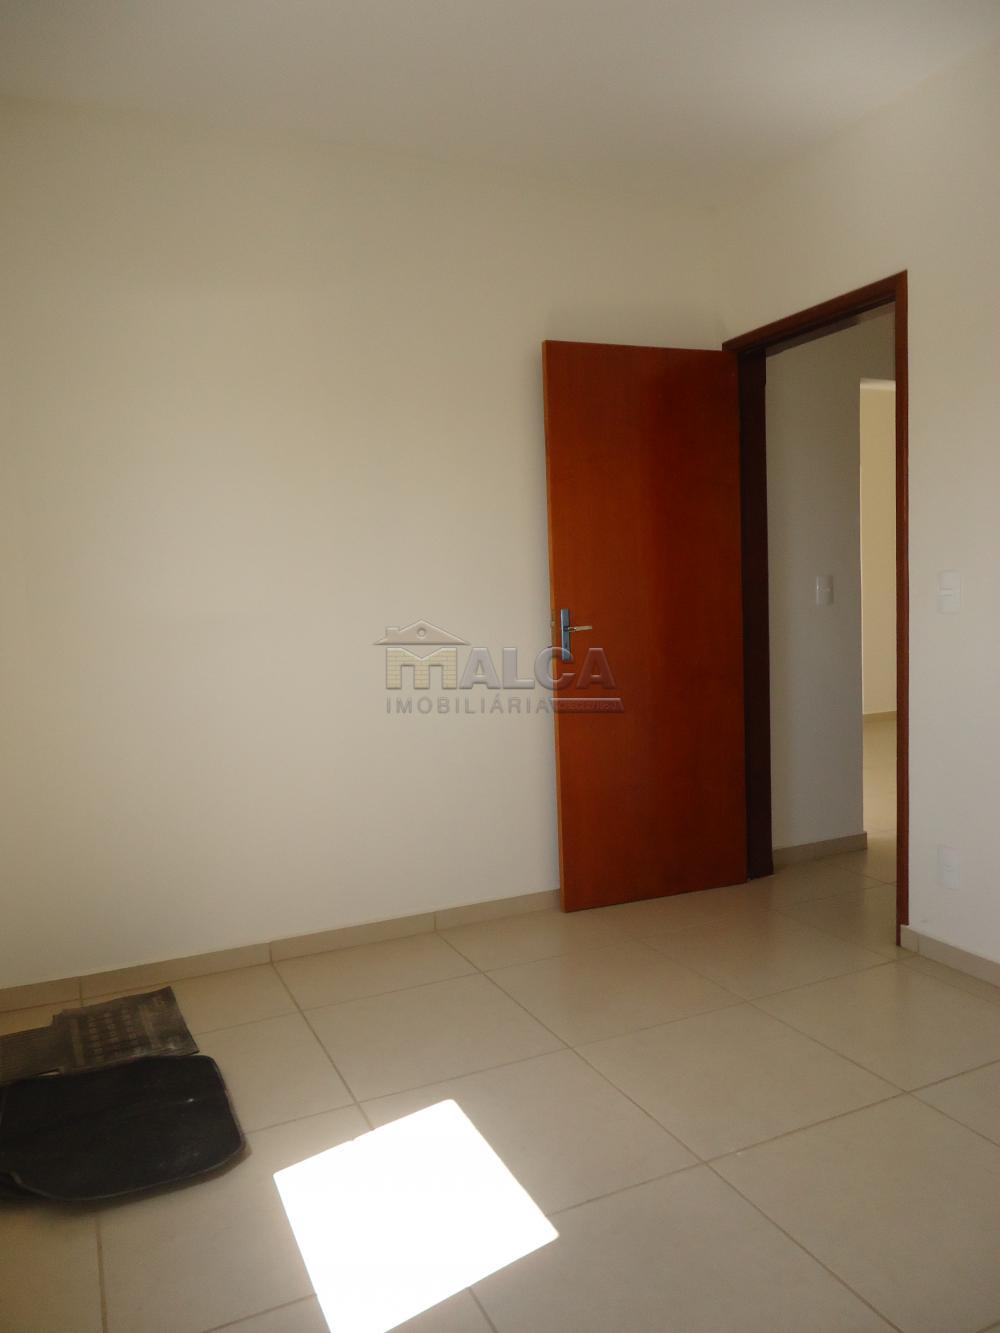 Alugar Apartamentos / Padrão em São José do Rio Pardo R$ 935,00 - Foto 32